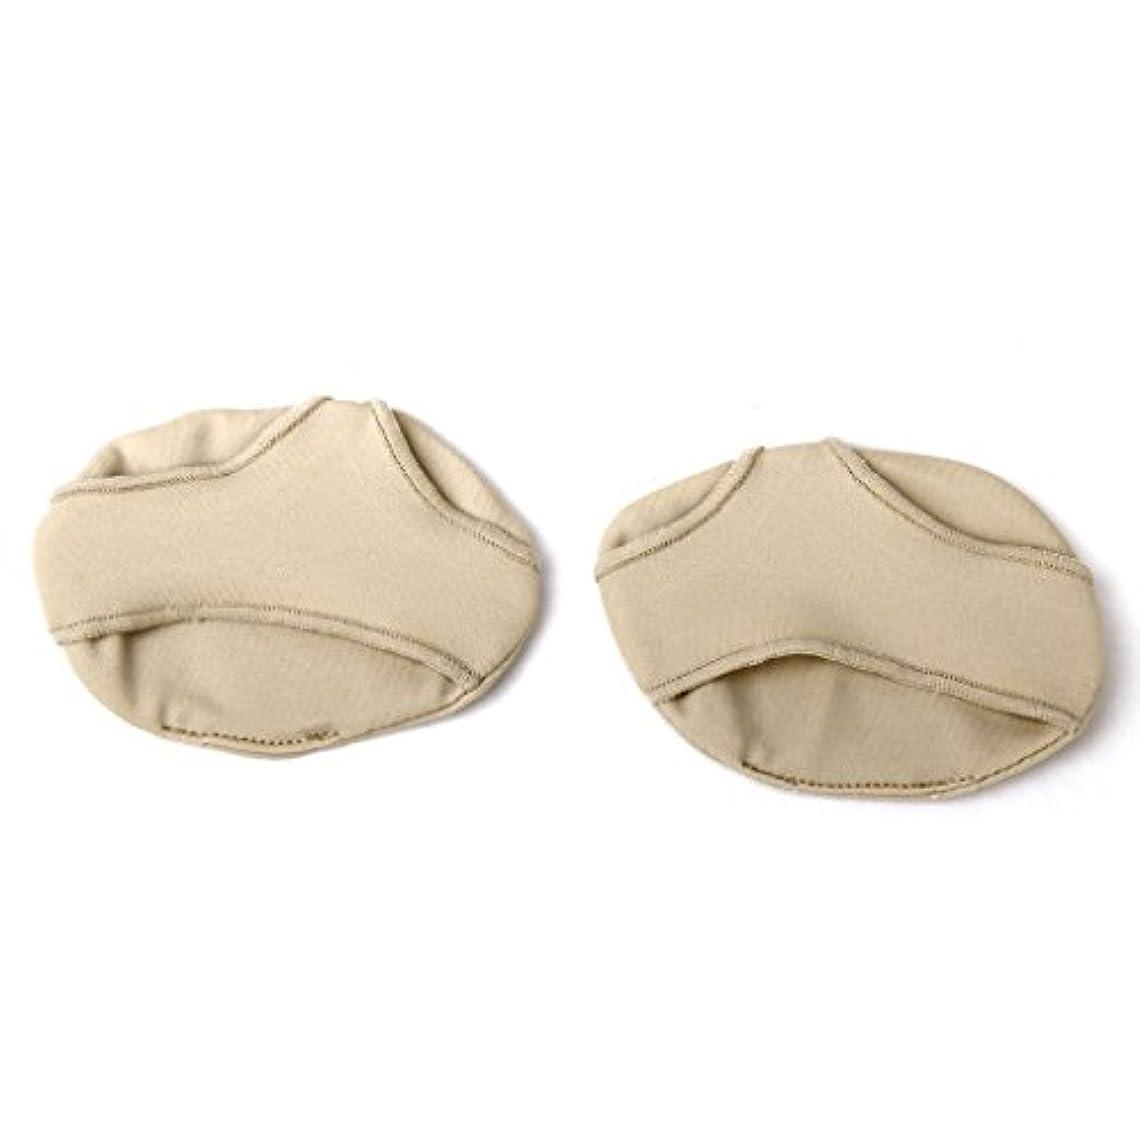 結論ゲインセイチケットSODIAL(R) ペアの低中足パッド クッションブランケット 前足の痛みを和らげるためのストラップ付きインソール Y形